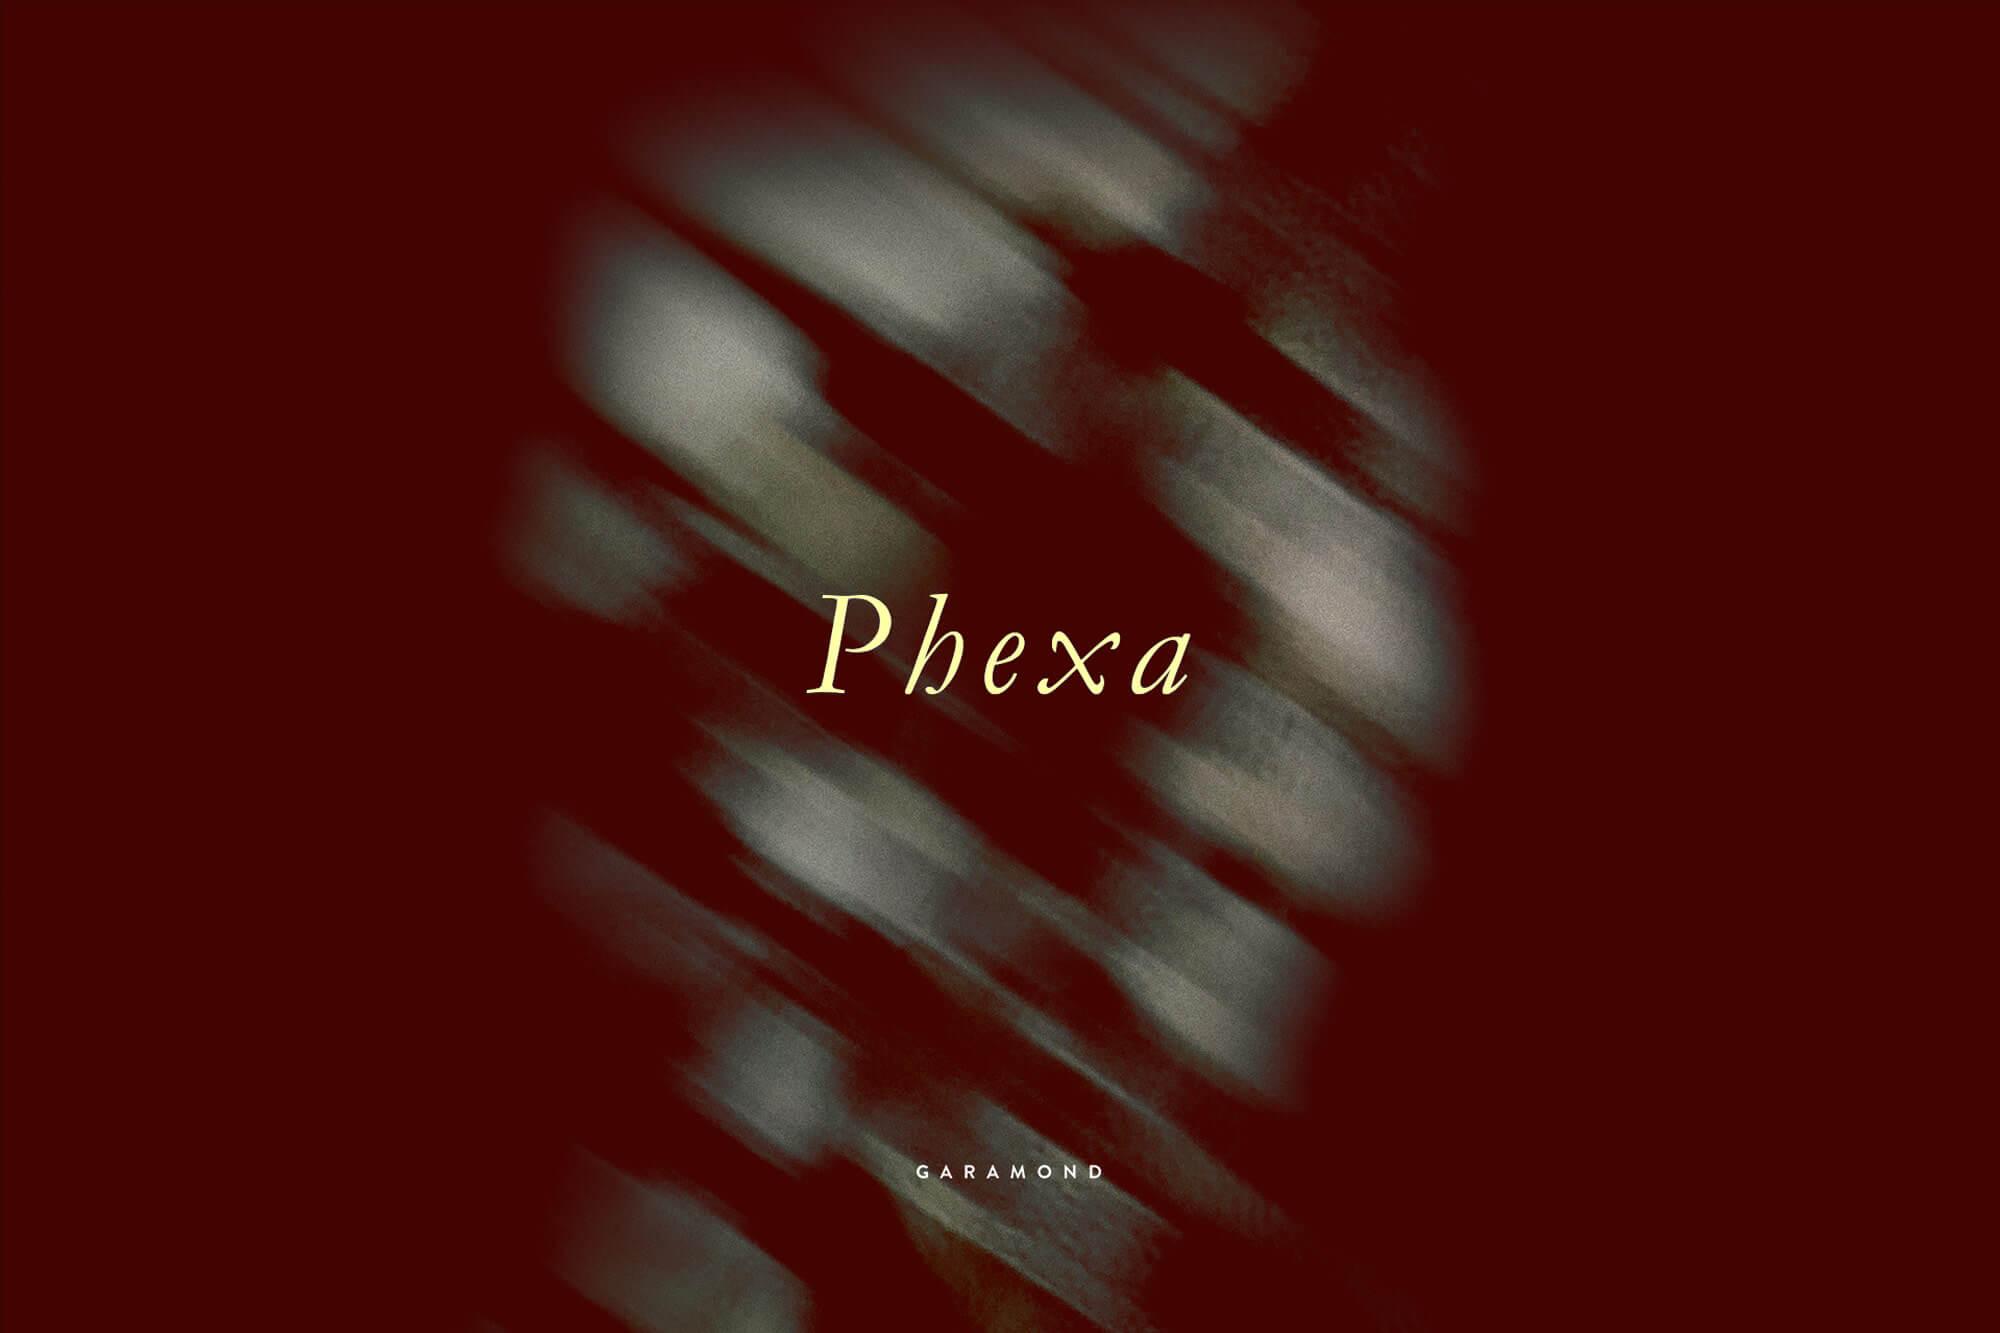 gareth-paul-jones-studio-design-garamond-music-shards-of-light-ep-cs-05-Phexa